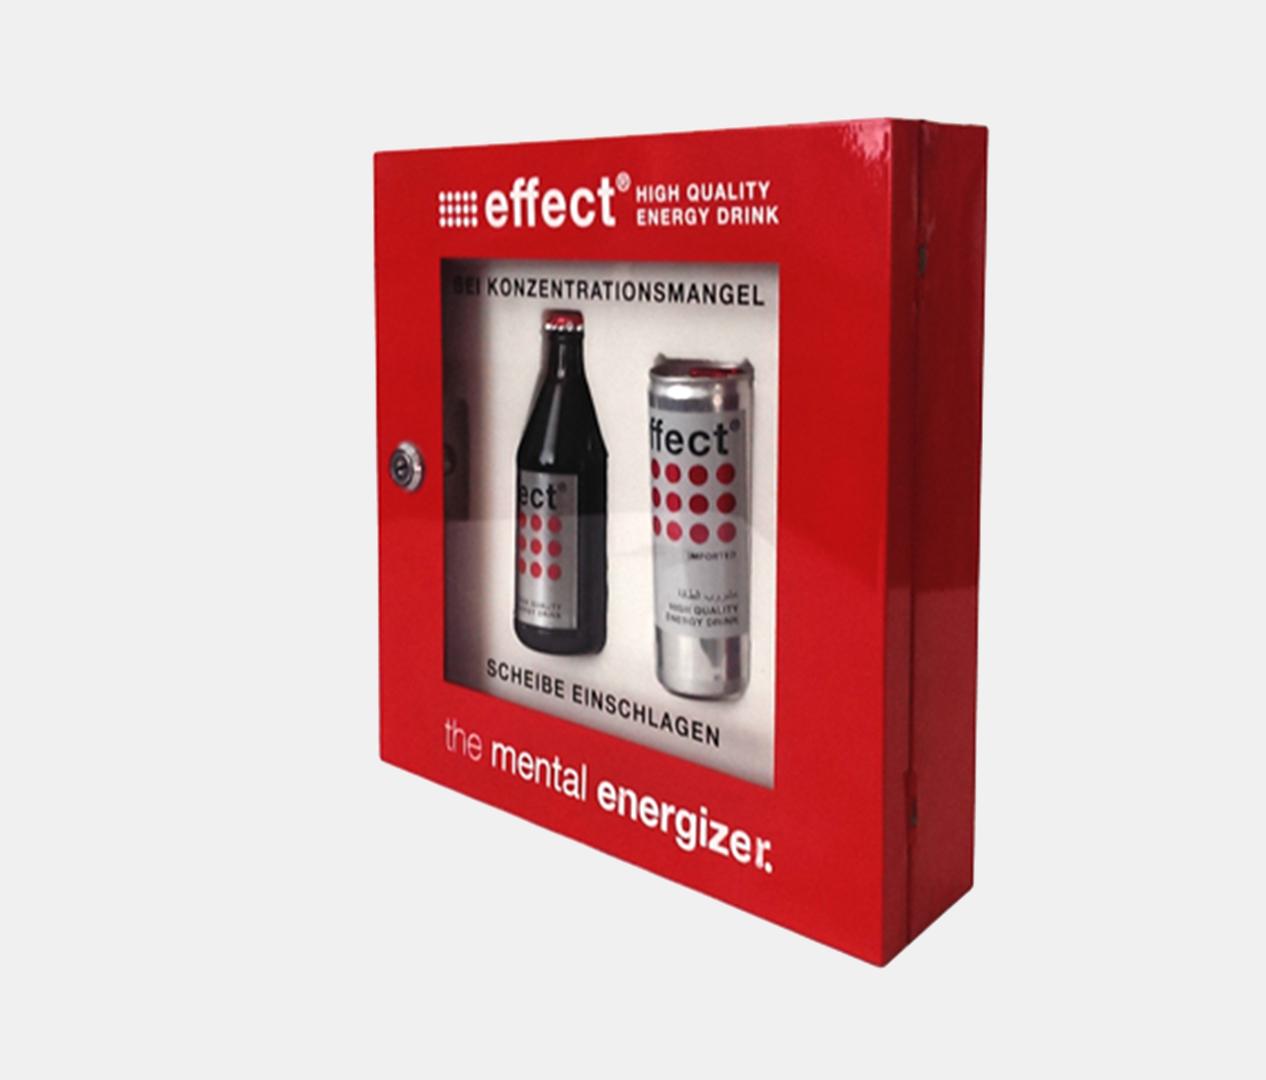 Effect Emergency Box - Zweyloeven Werbeproduktion GmbH